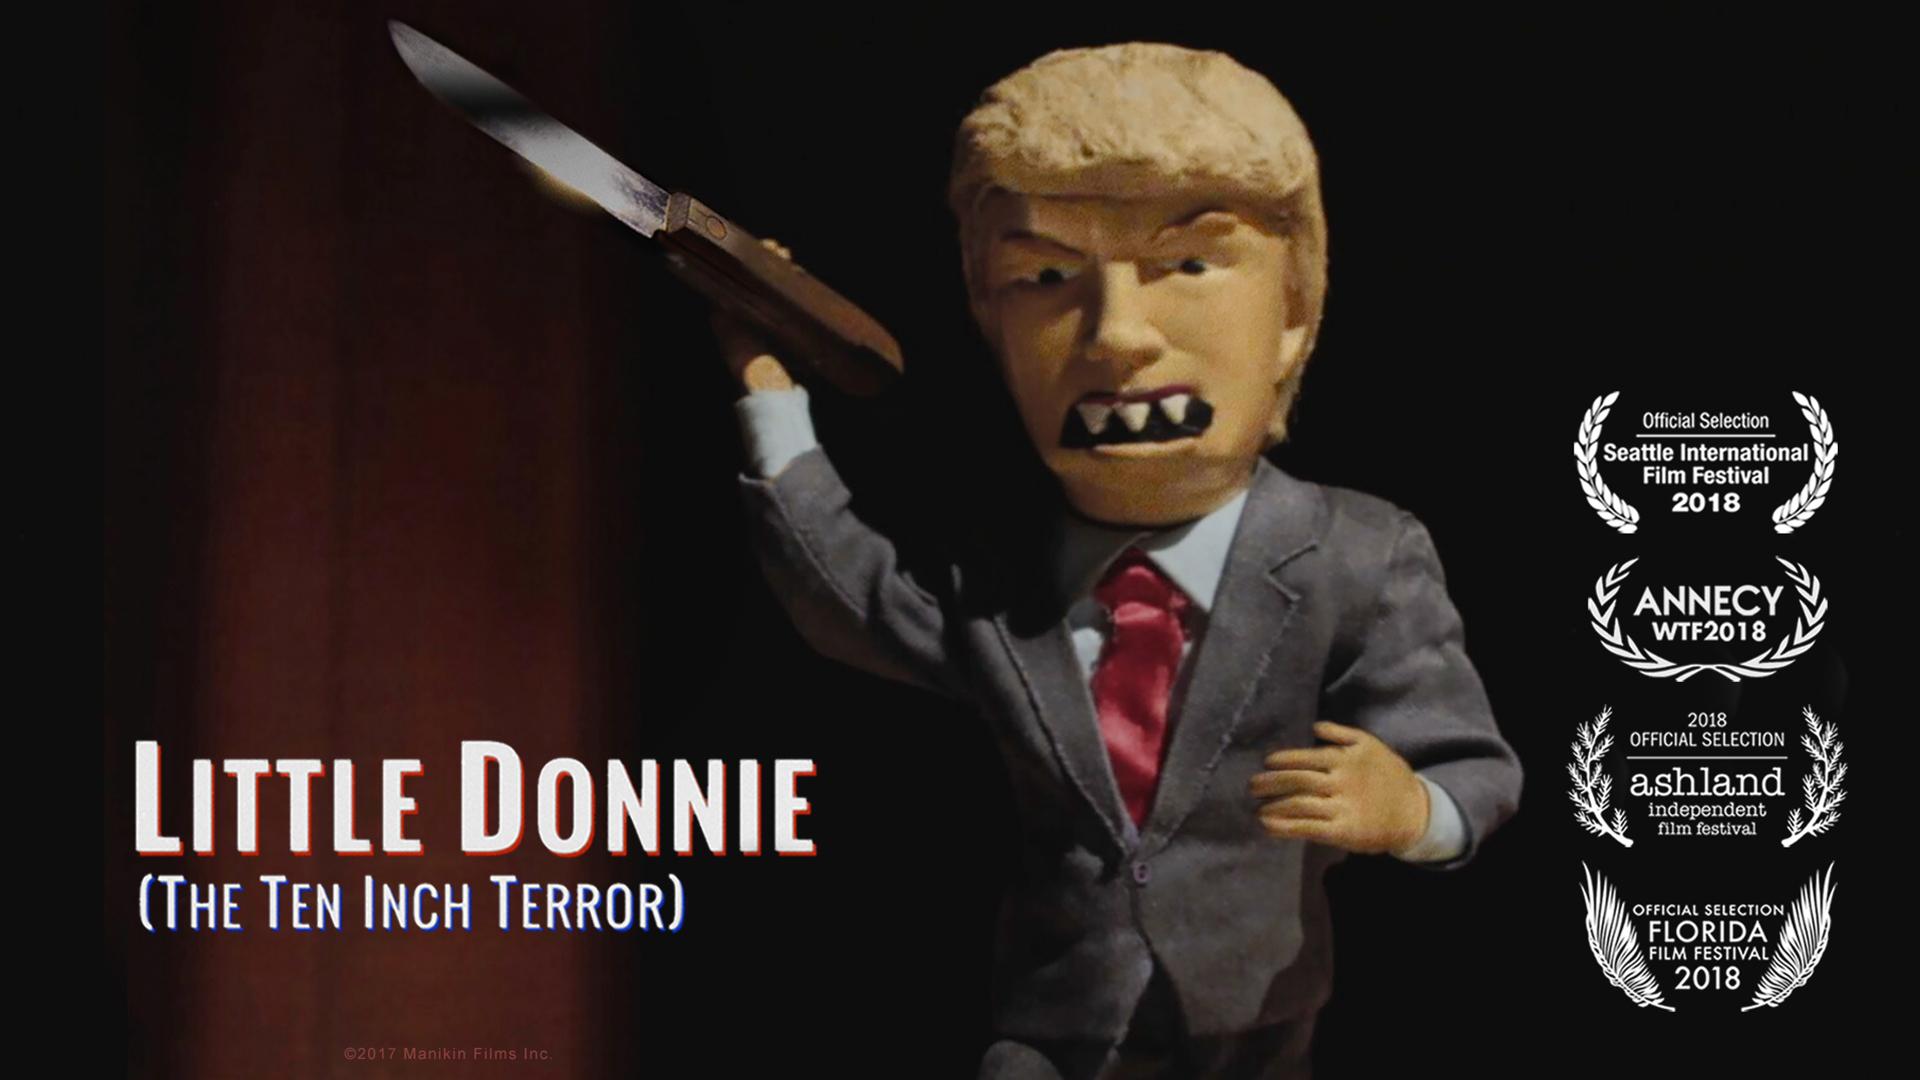 Little Donnie (The Ten Inch Terror)